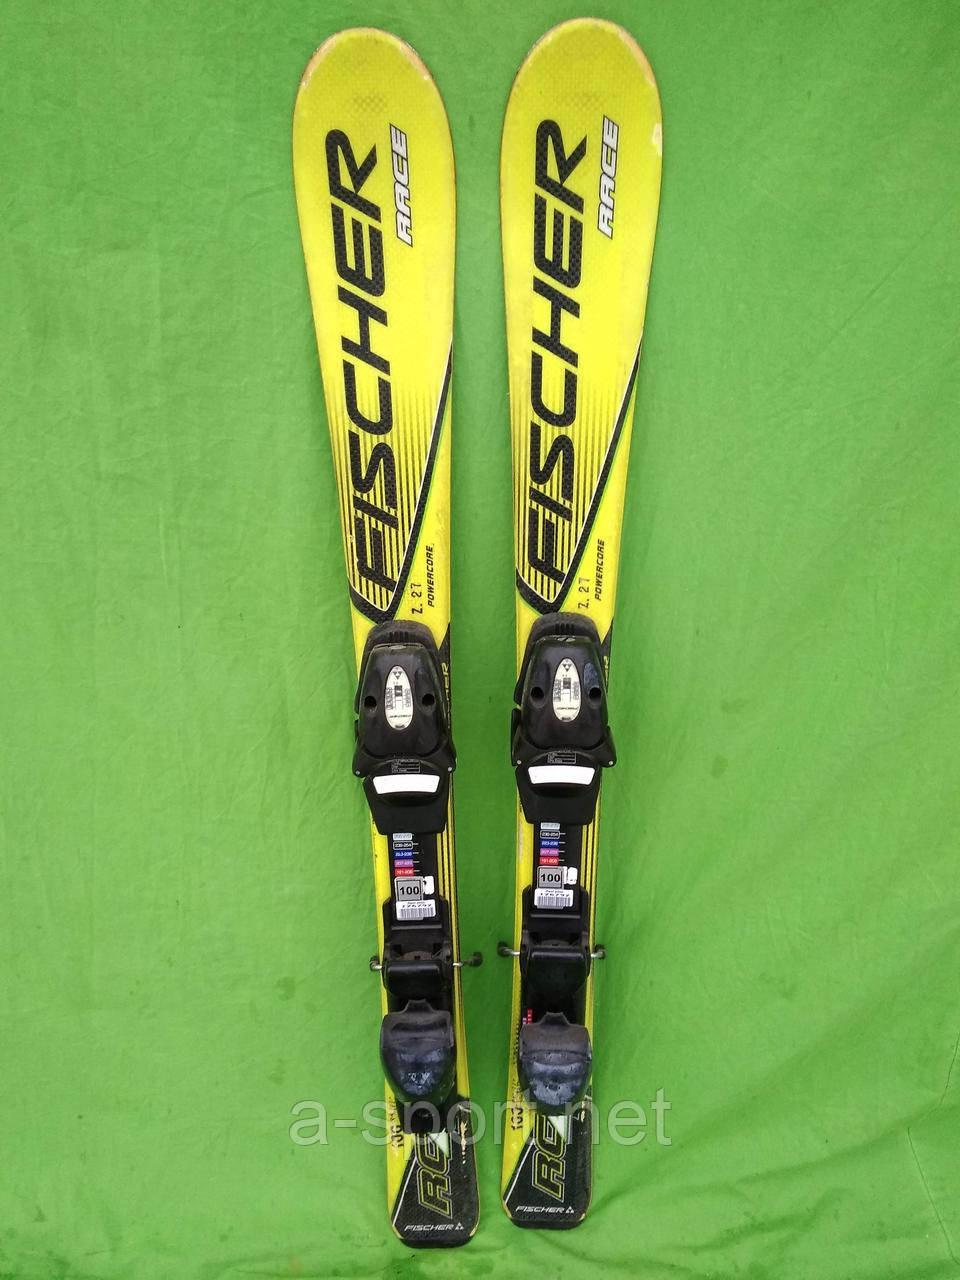 Дитячі гірські лижі Fisher race 100 см  продажа dae04b9510981